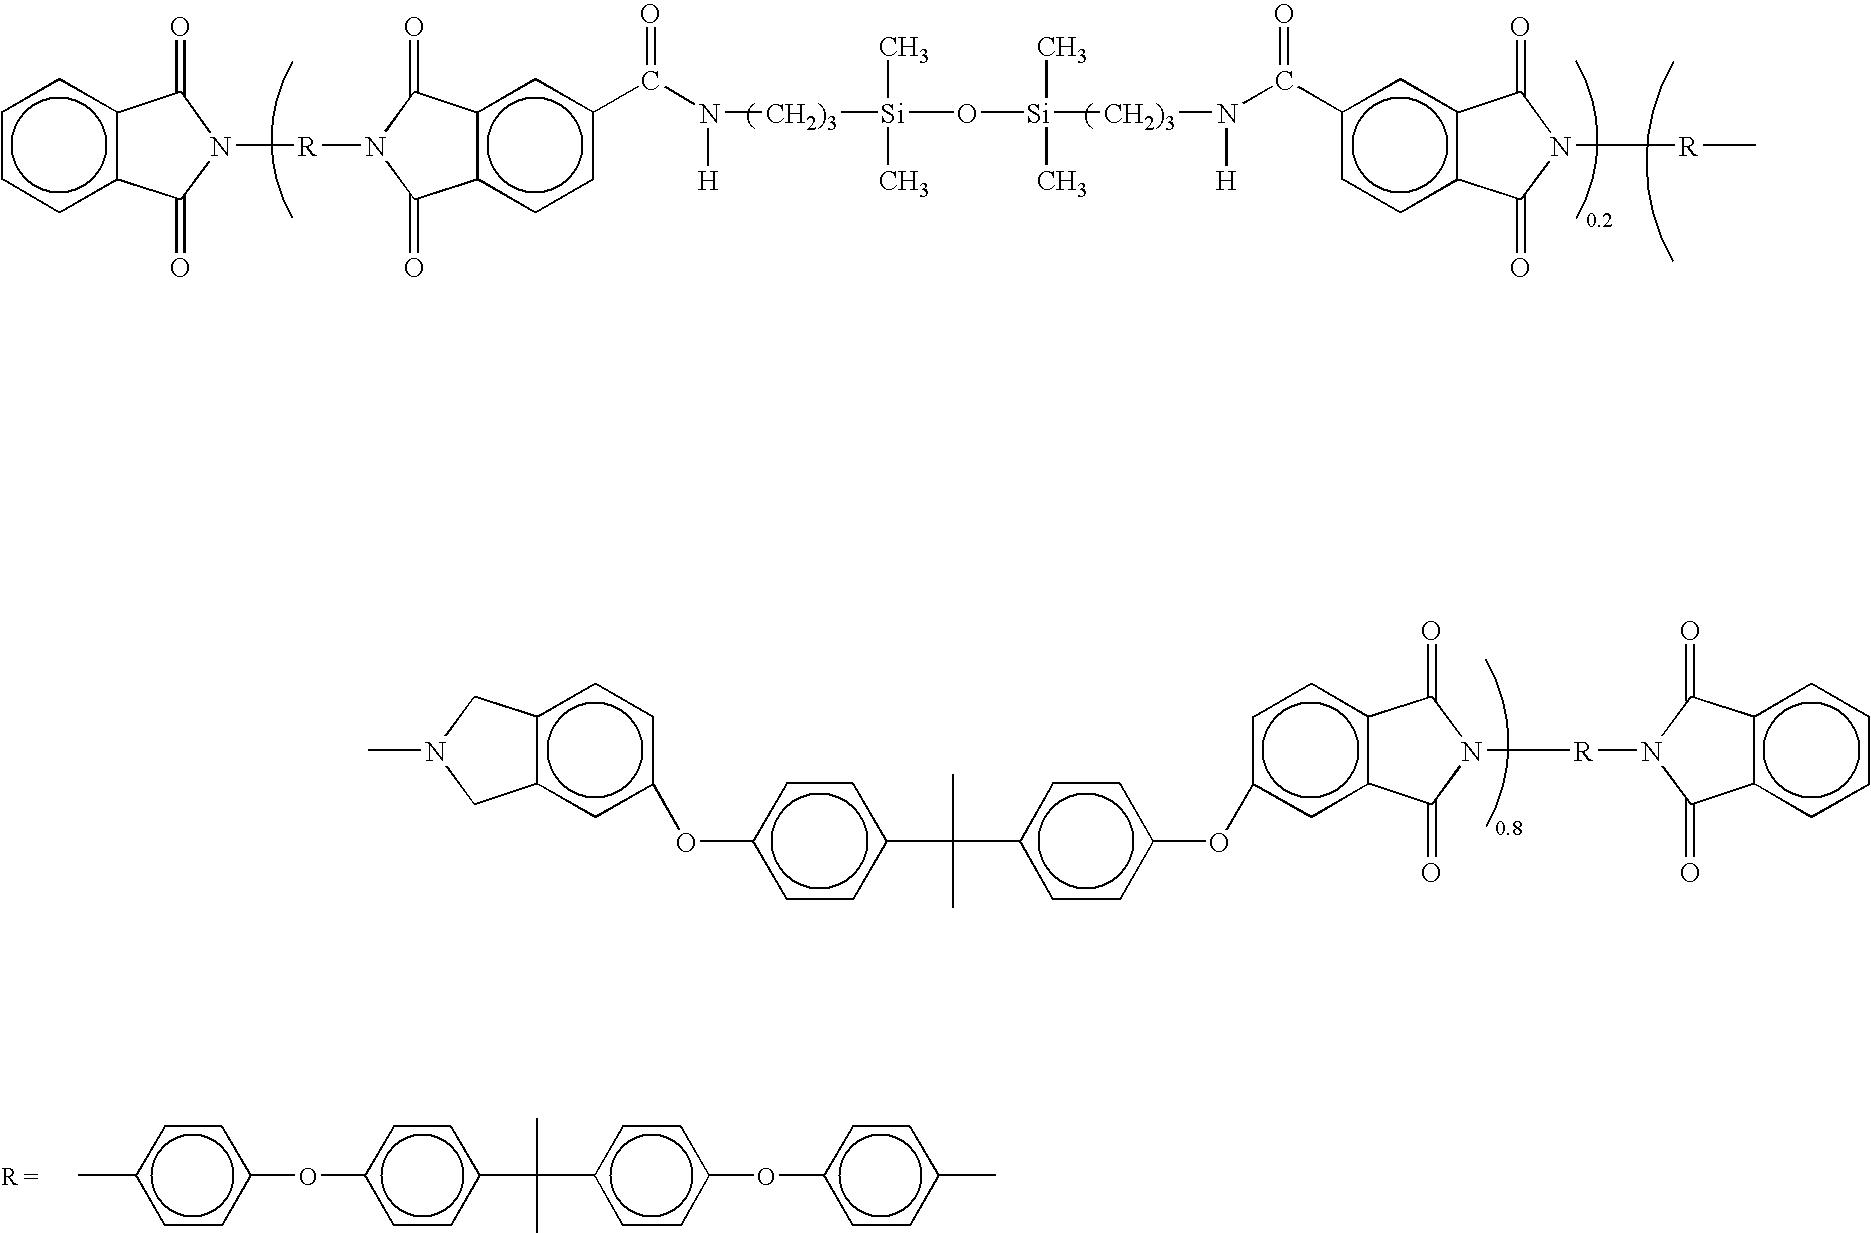 Figure US20090038750A1-20090212-C00021